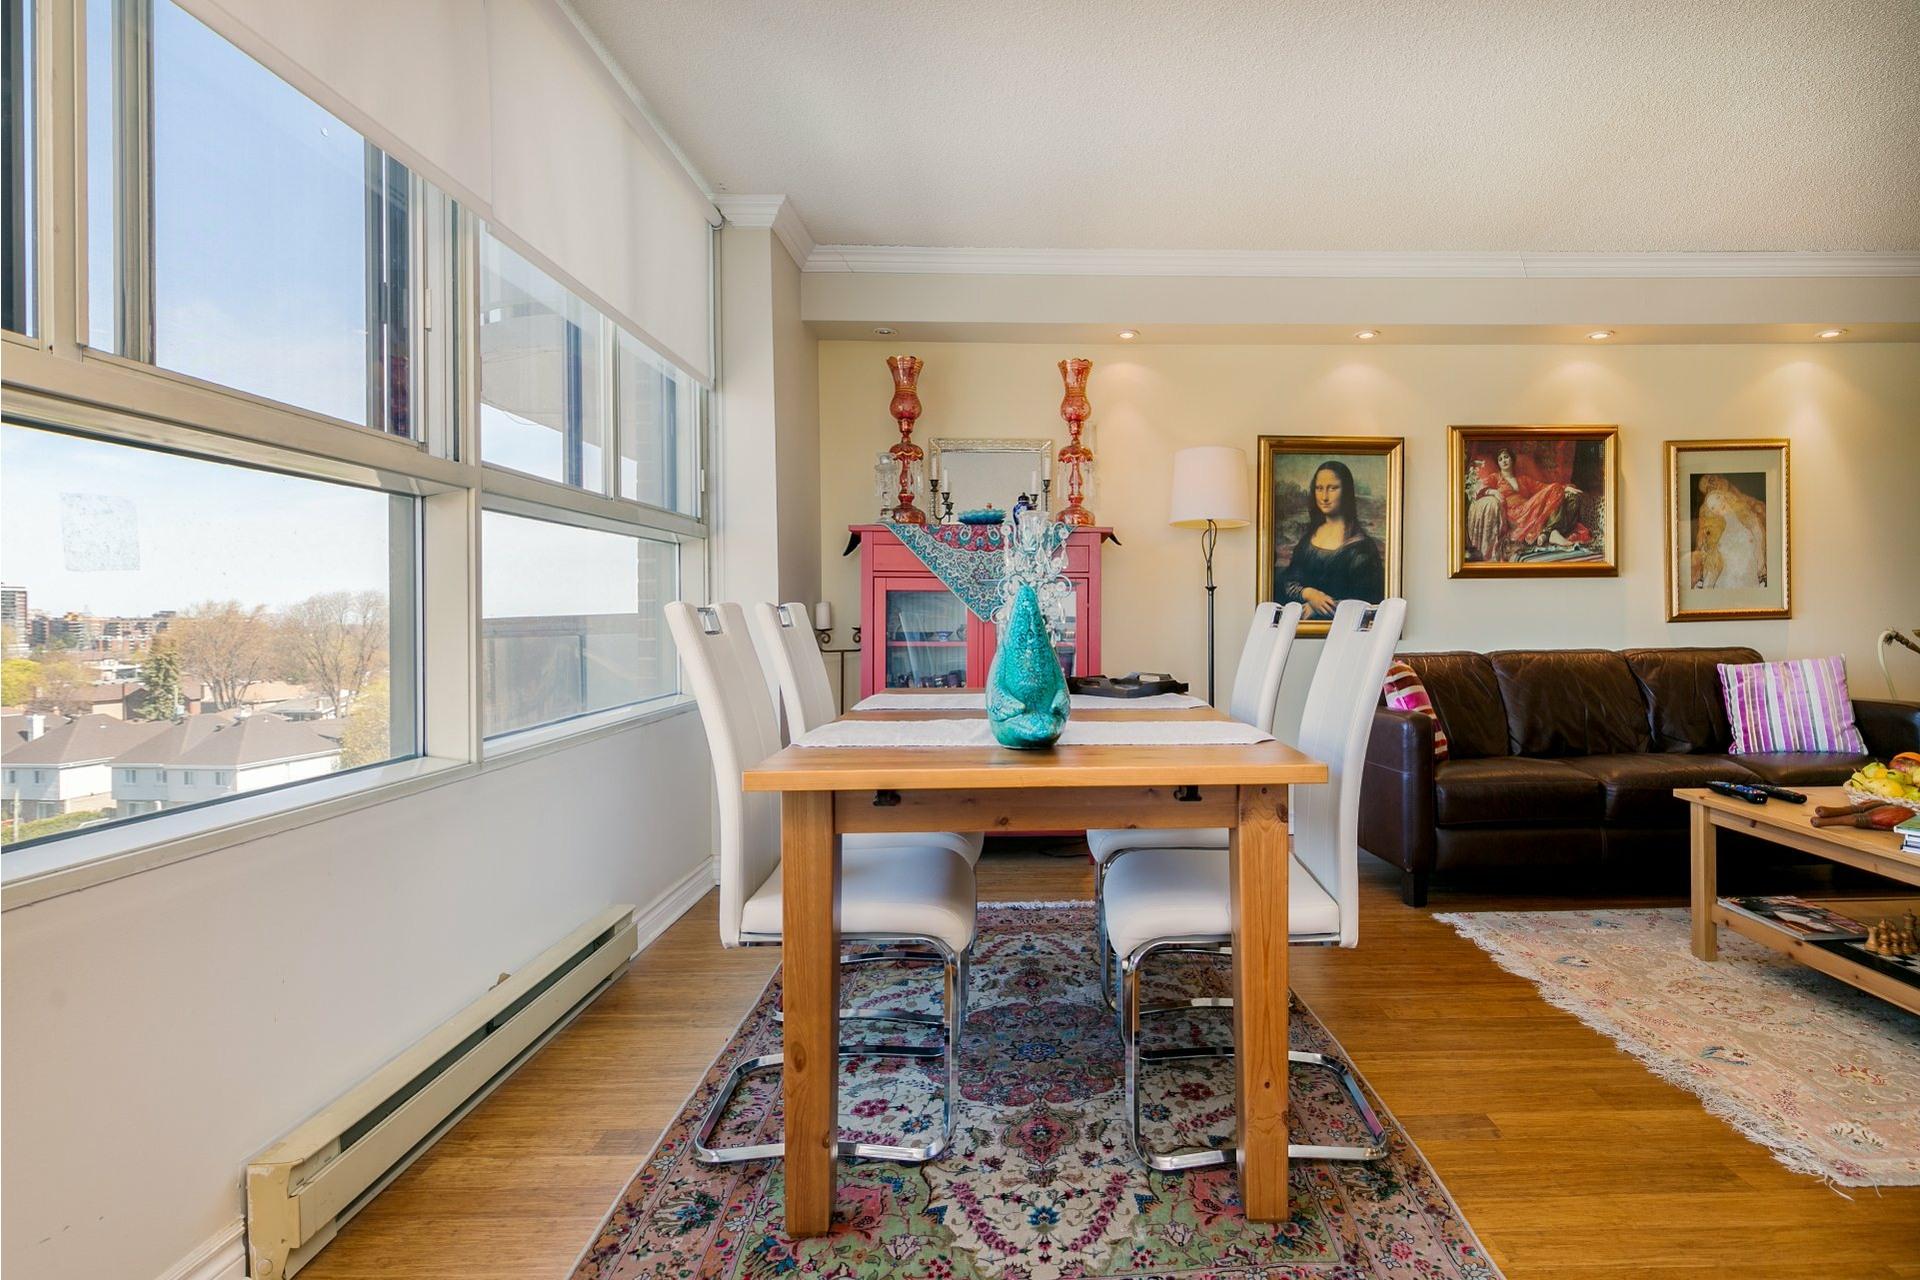 image 8 - Apartment For sale Côte-des-Neiges/Notre-Dame-de-Grâce Montréal  - 10 rooms